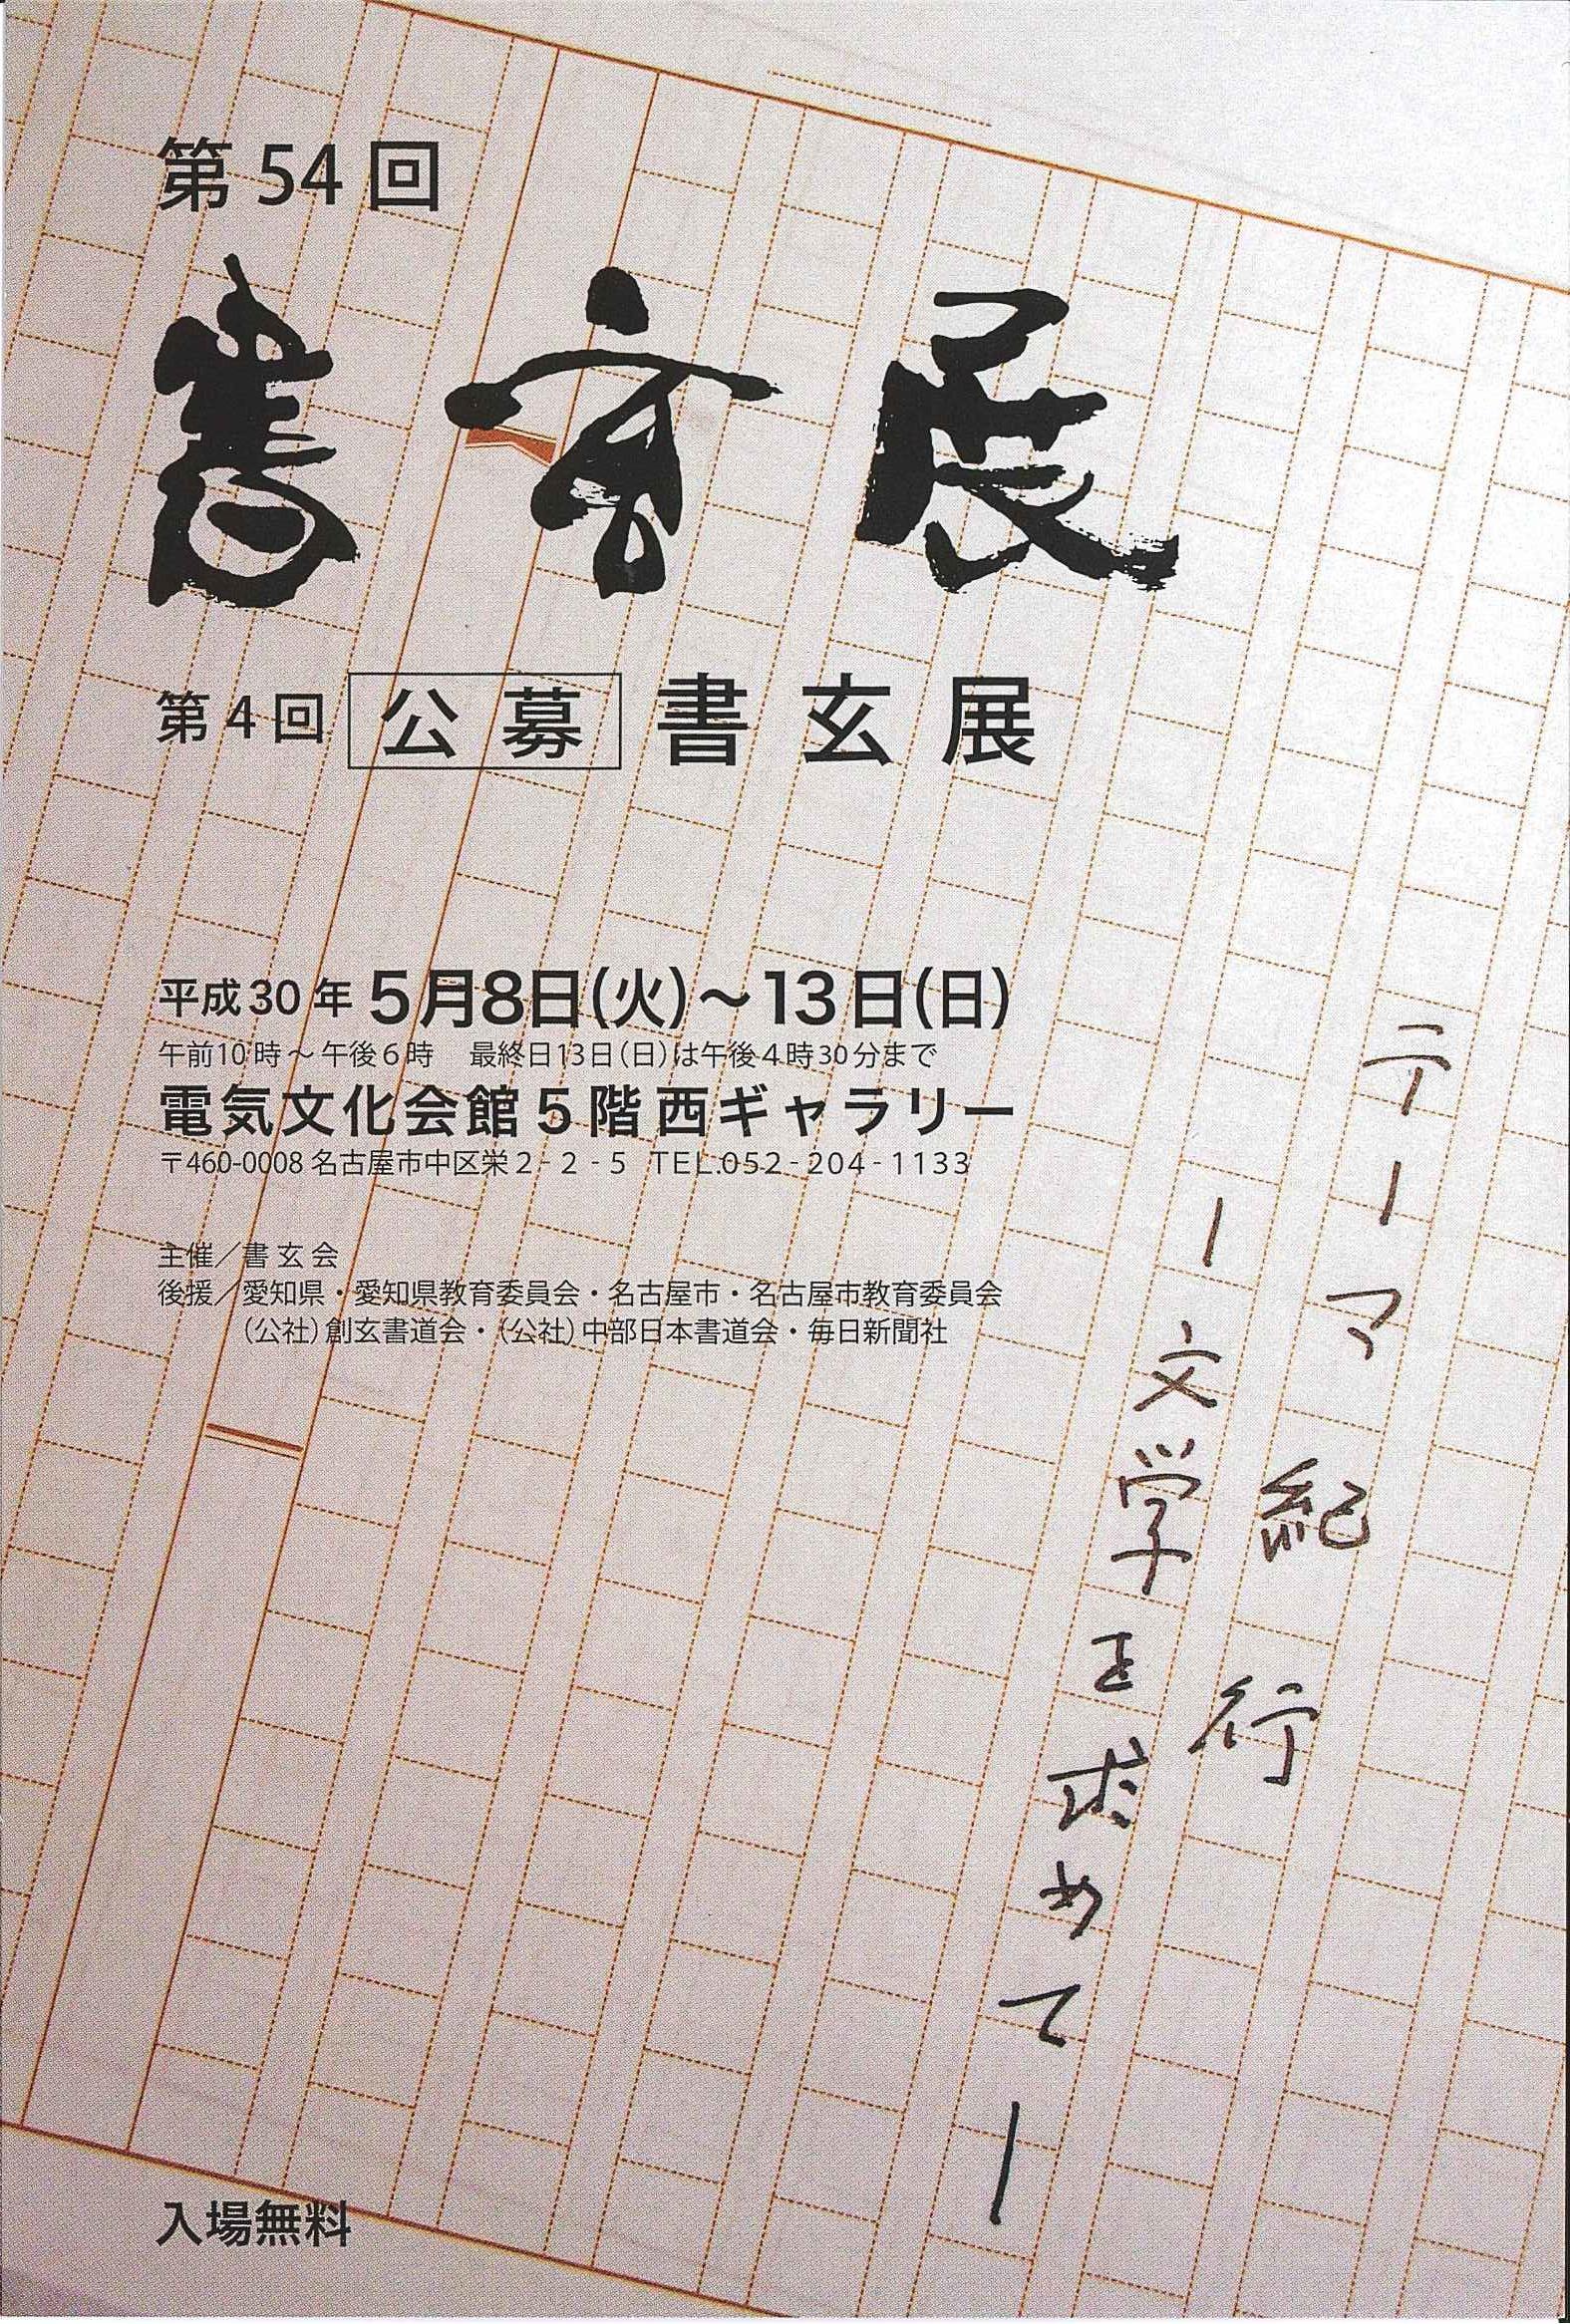 http://www.sogen.or.jp/letter/2018/04/23/20180423153116227_0001.jpg